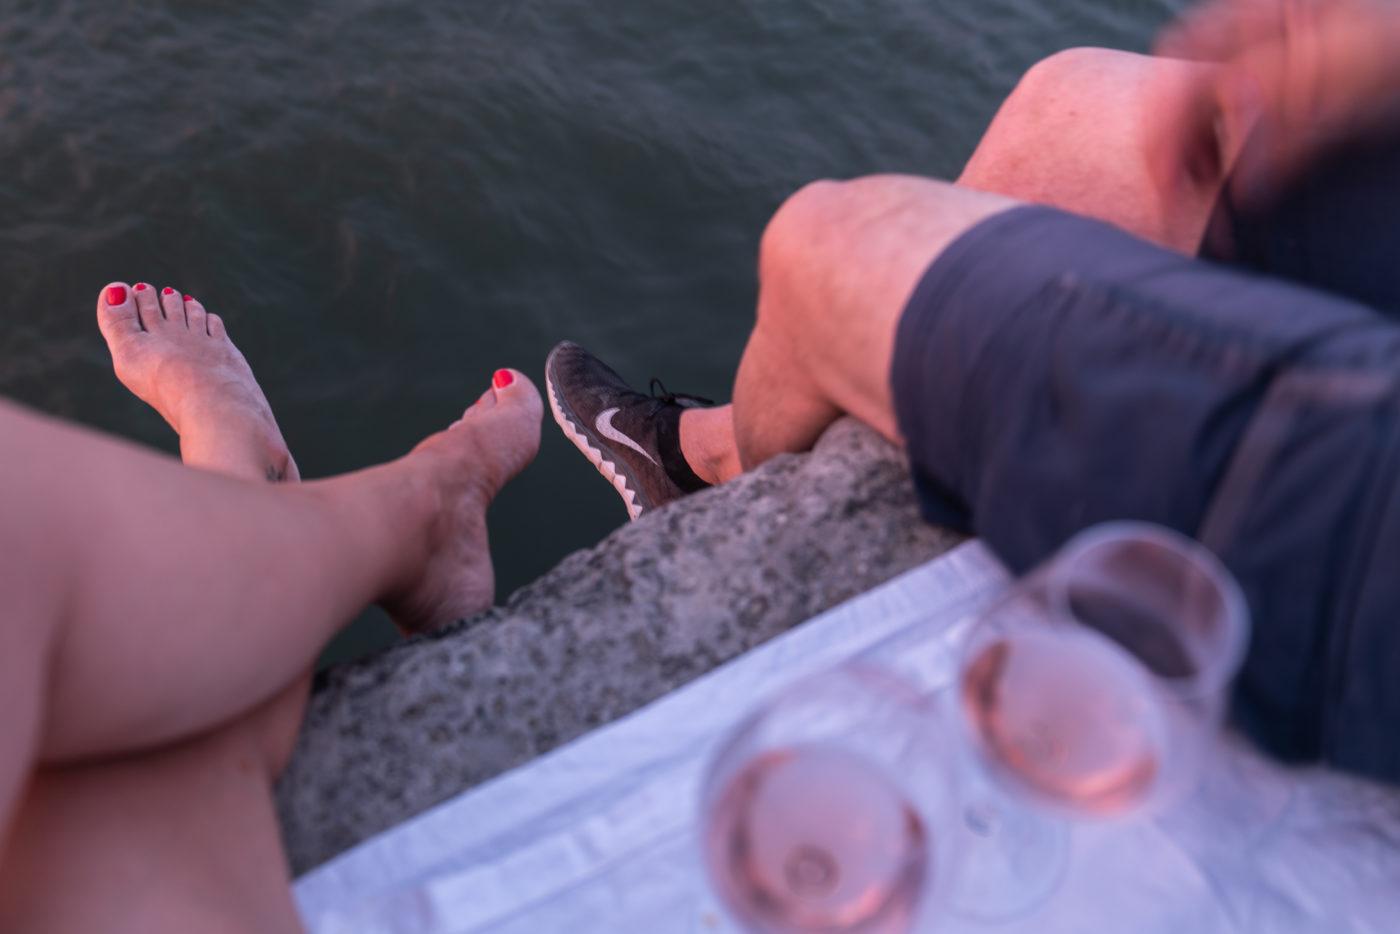 Füsse über die Quaimauer baumeln lassen und den Sommerabend an der Seine in Paris geniessen